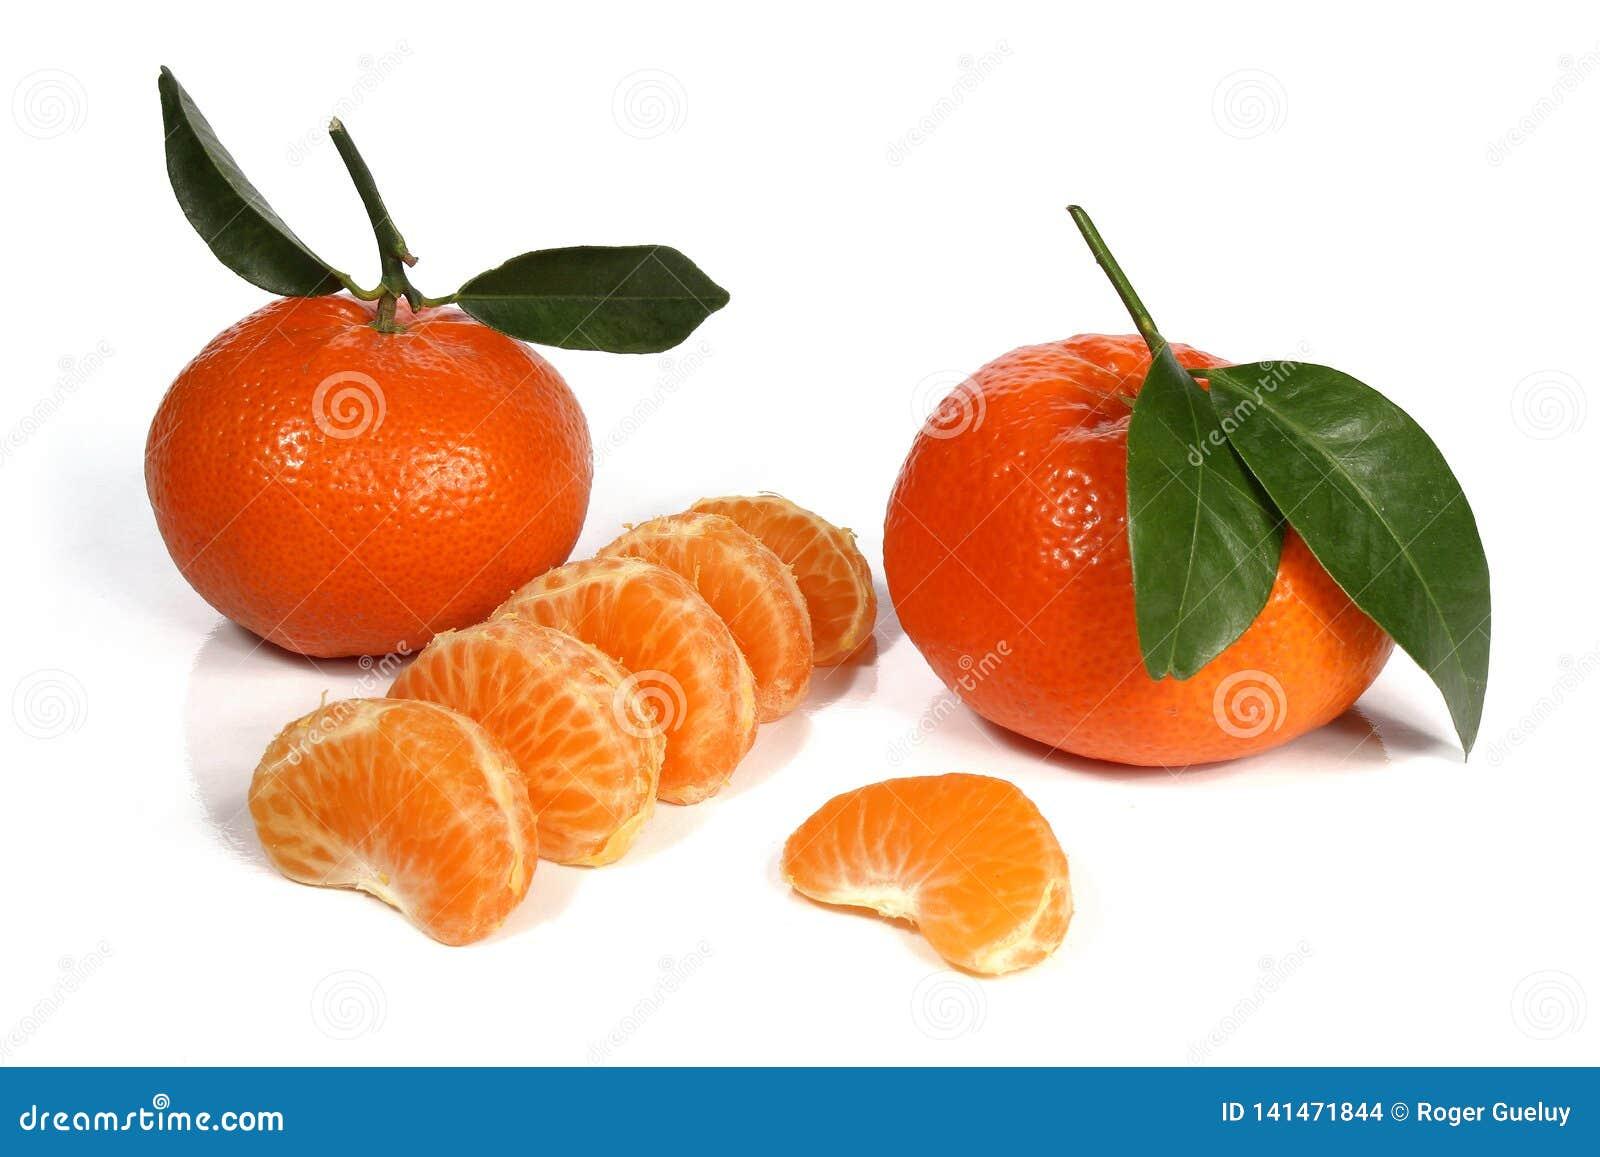 Clementines lub tangerines z zielonymi liśćmi na białym tle